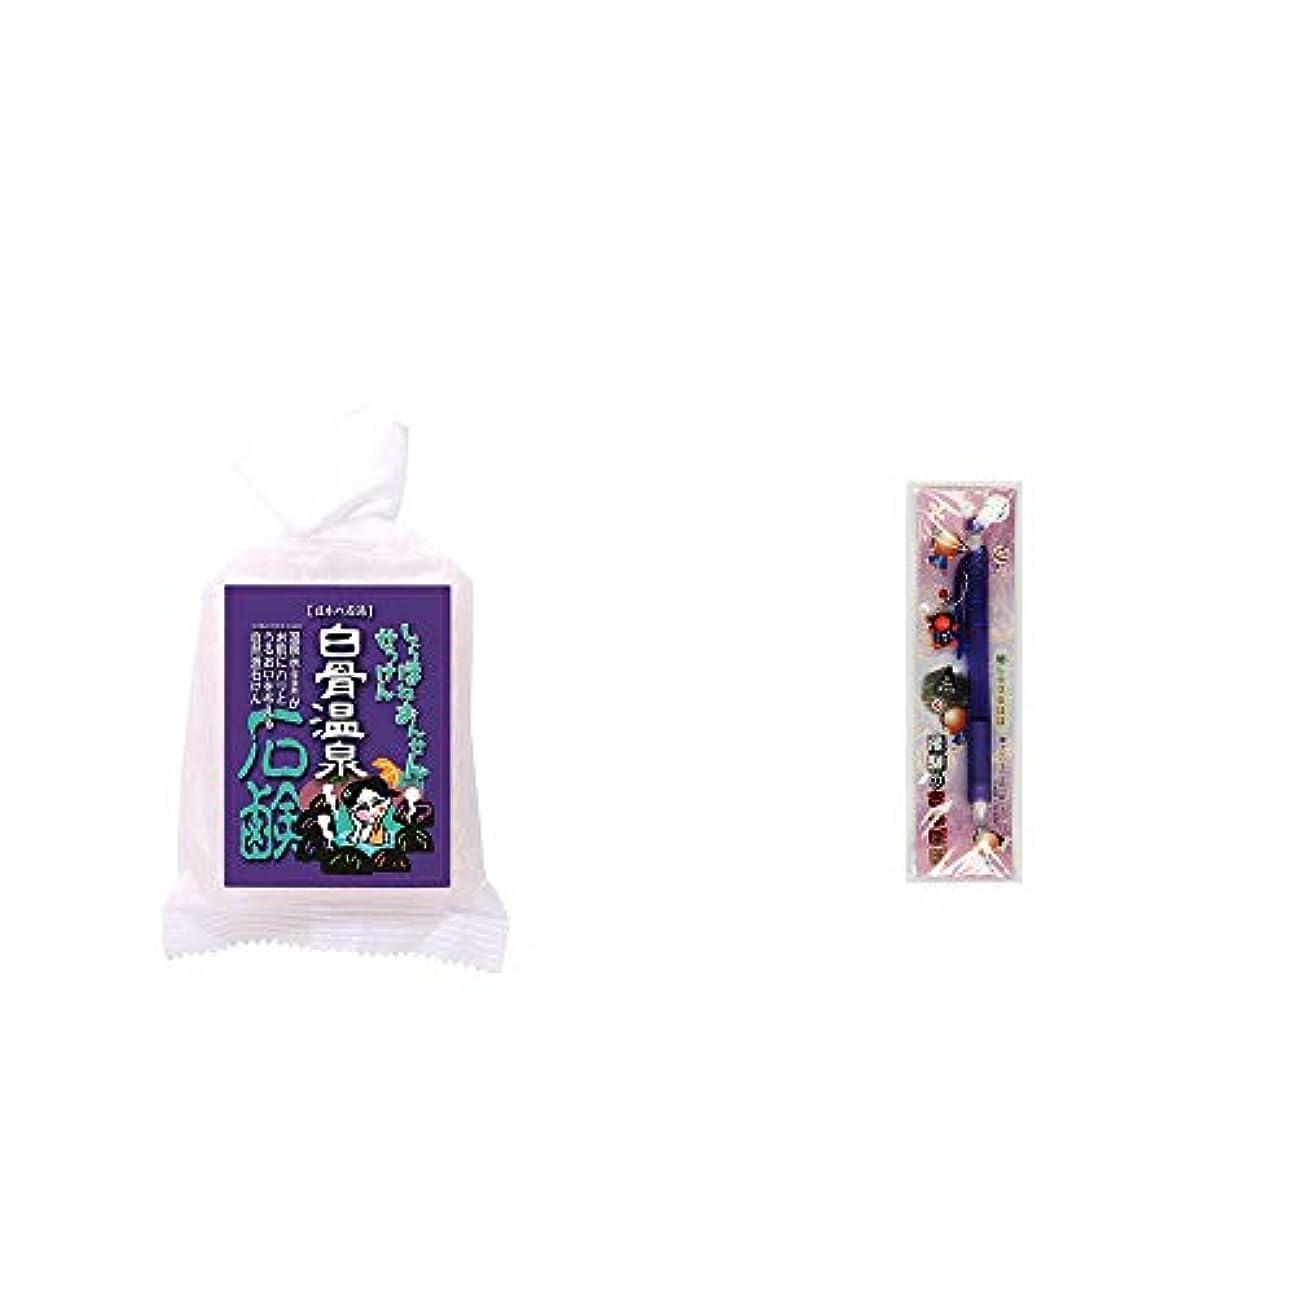 バケットハチ自体[2点セット] 信州 白骨温泉石鹸(80g)?さるぼぼ 癒しシャープペン 【パープル】